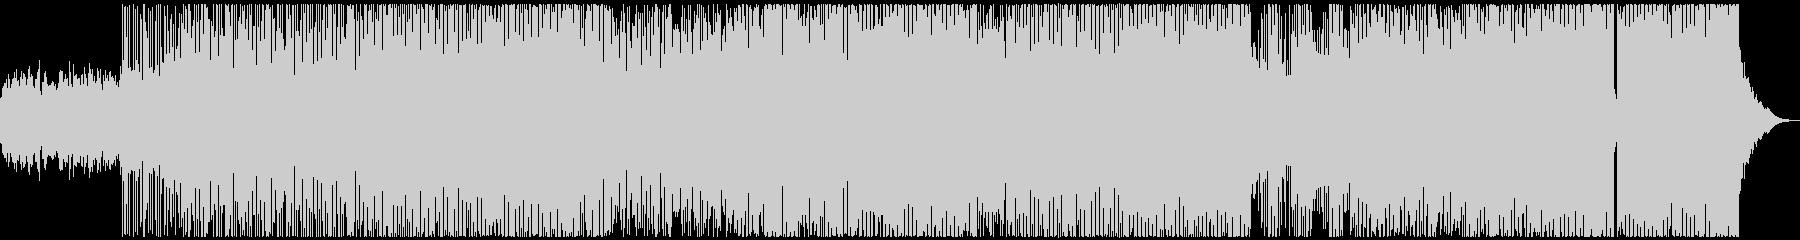 クールでダークな雰囲気のEDMの未再生の波形